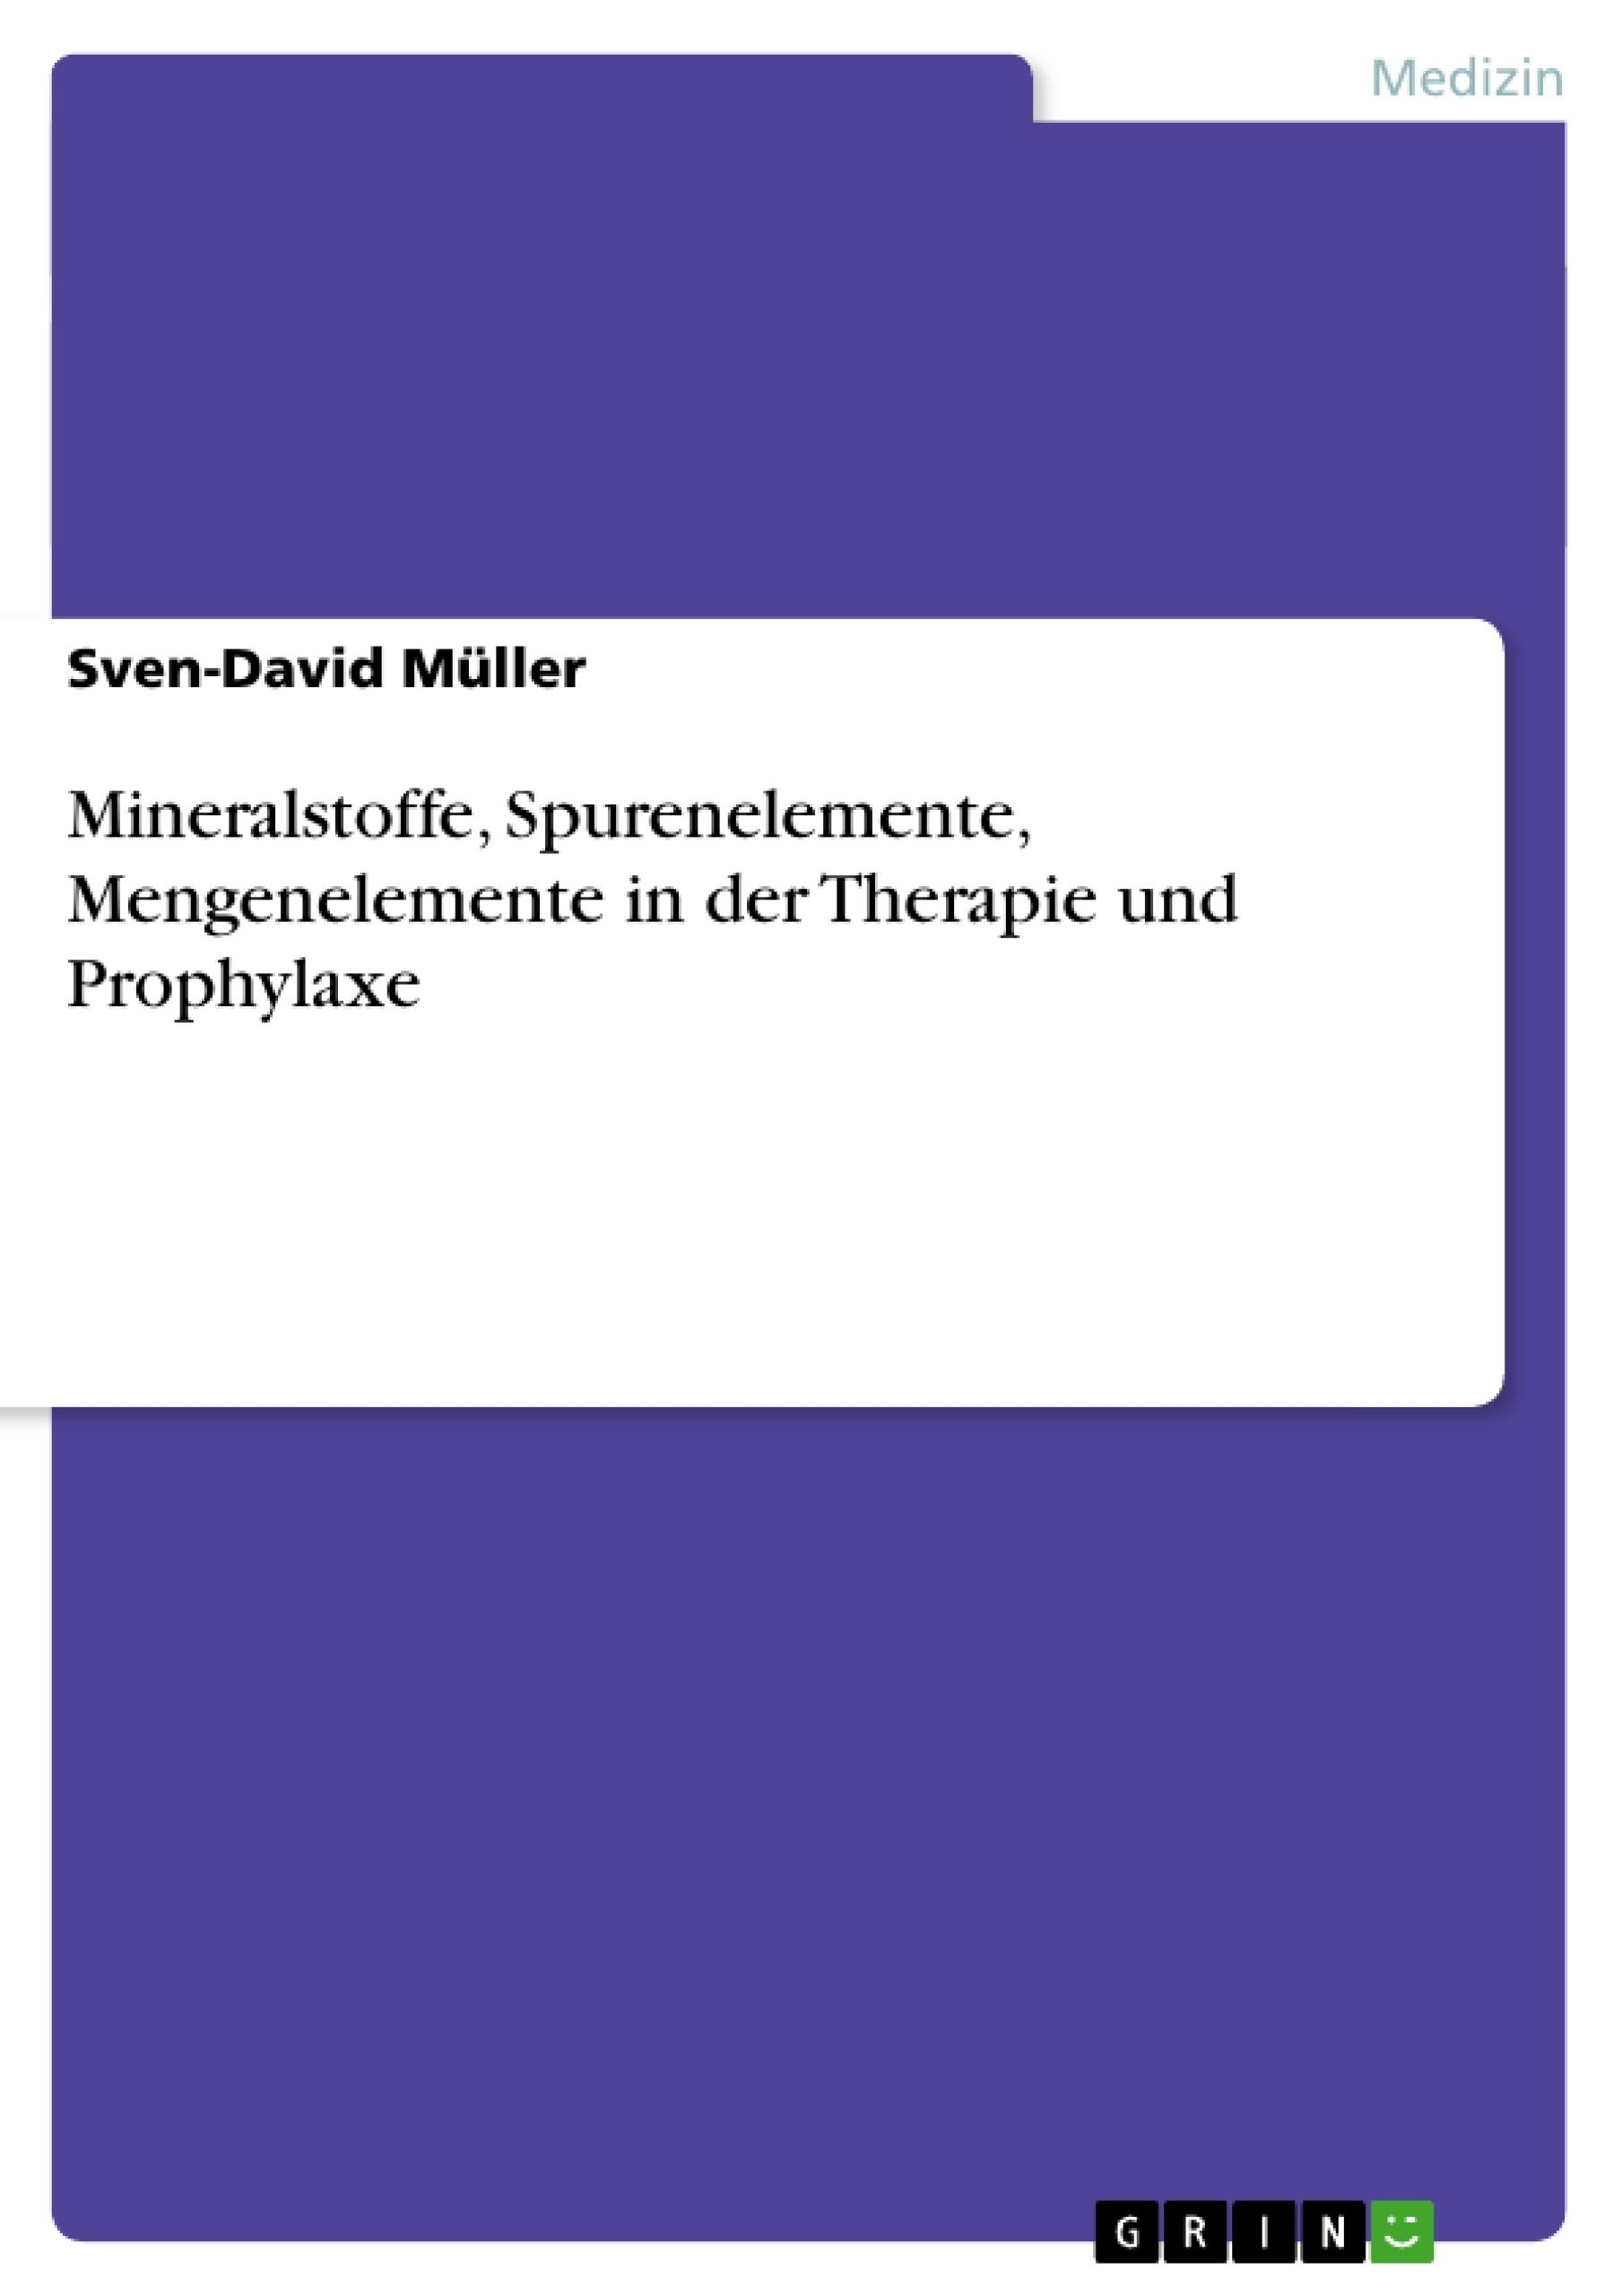 Grin Mineralstoffe Spurenelemente Mengenelemente In Der Therapie Und Prophylaxe